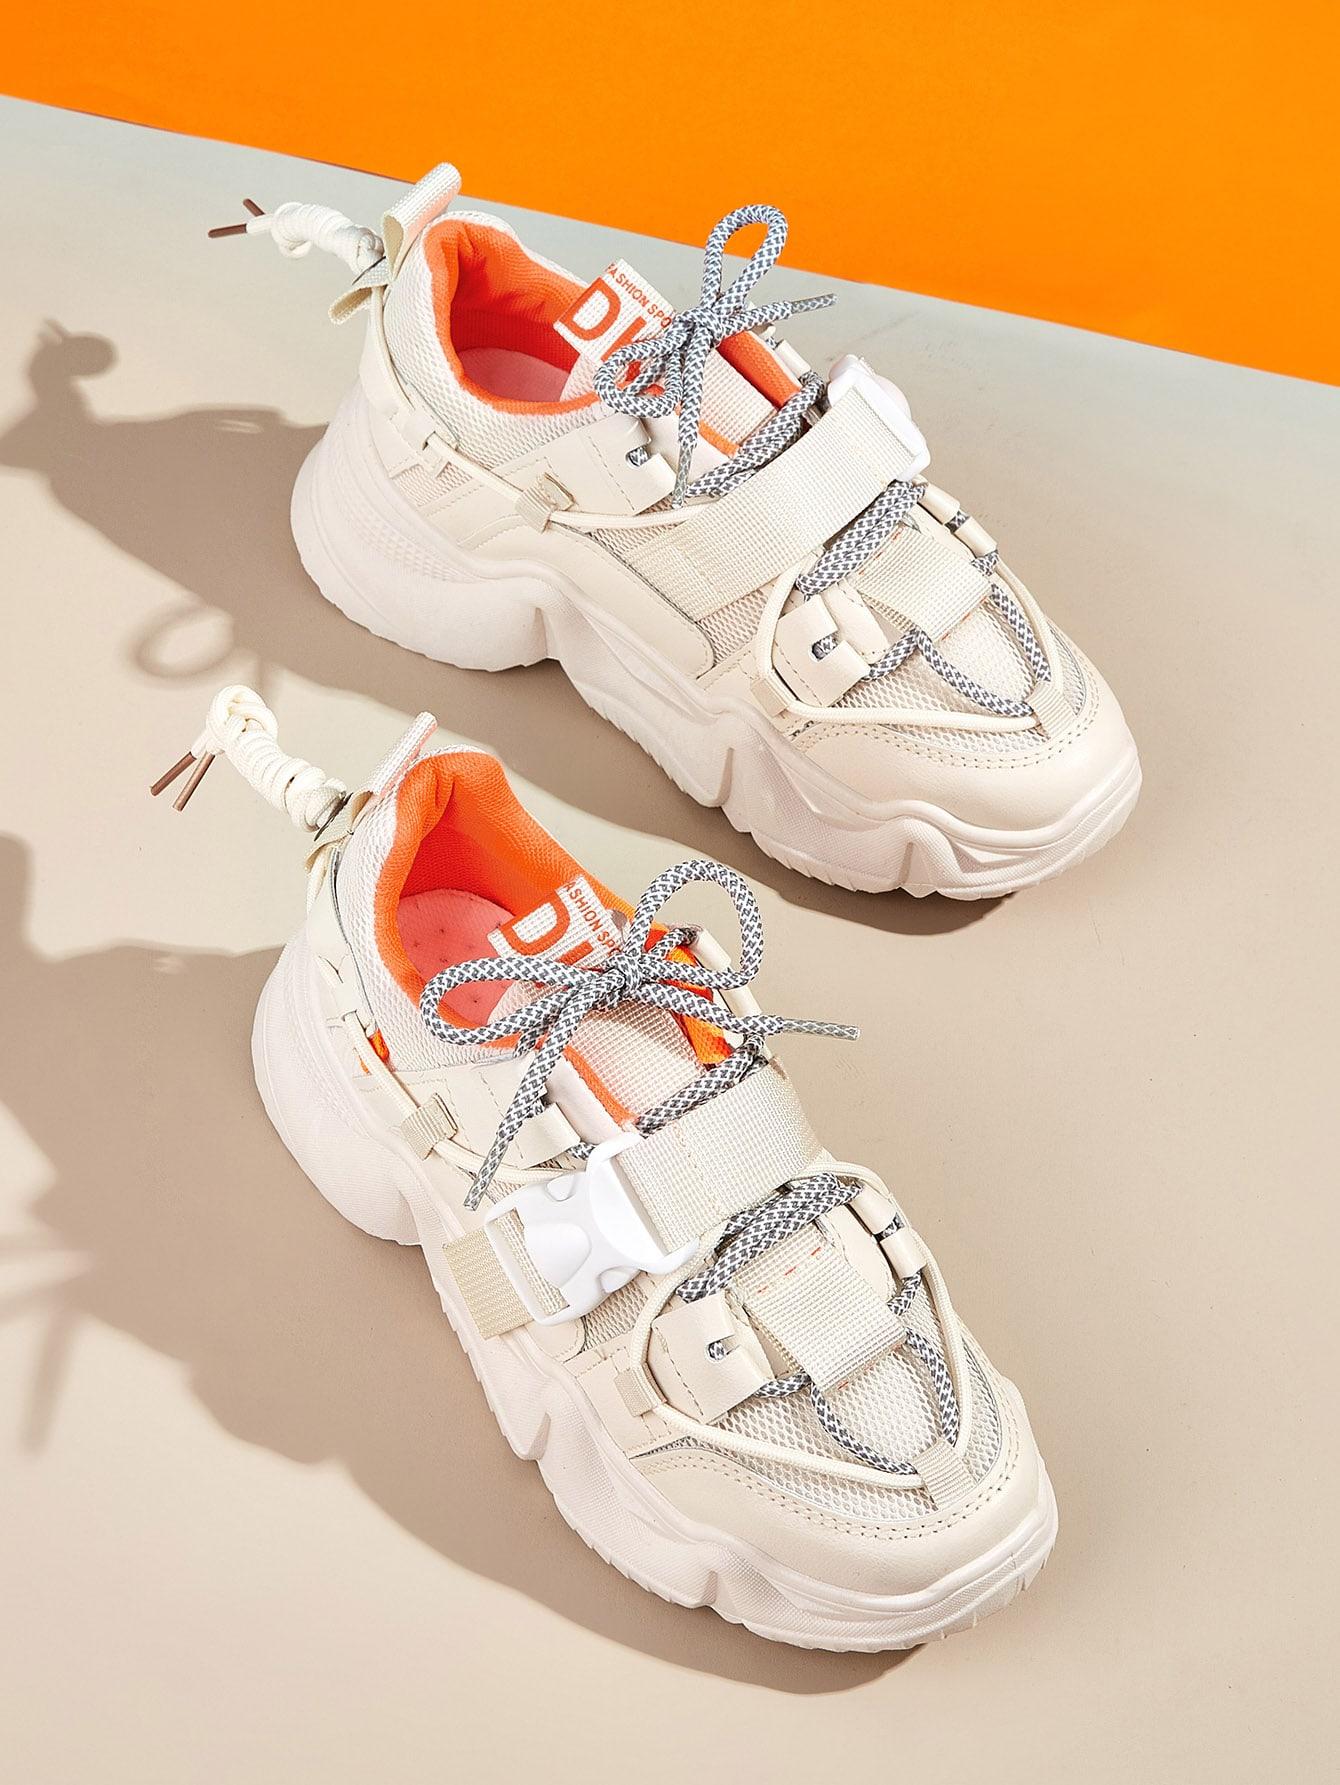 chaussettes faible d/écibel s/échage rapide s/èche-chaussettes pour 3 paires de chaussures support pour s/èche-bottes S/èche-chaussures /électrique pas de bruit